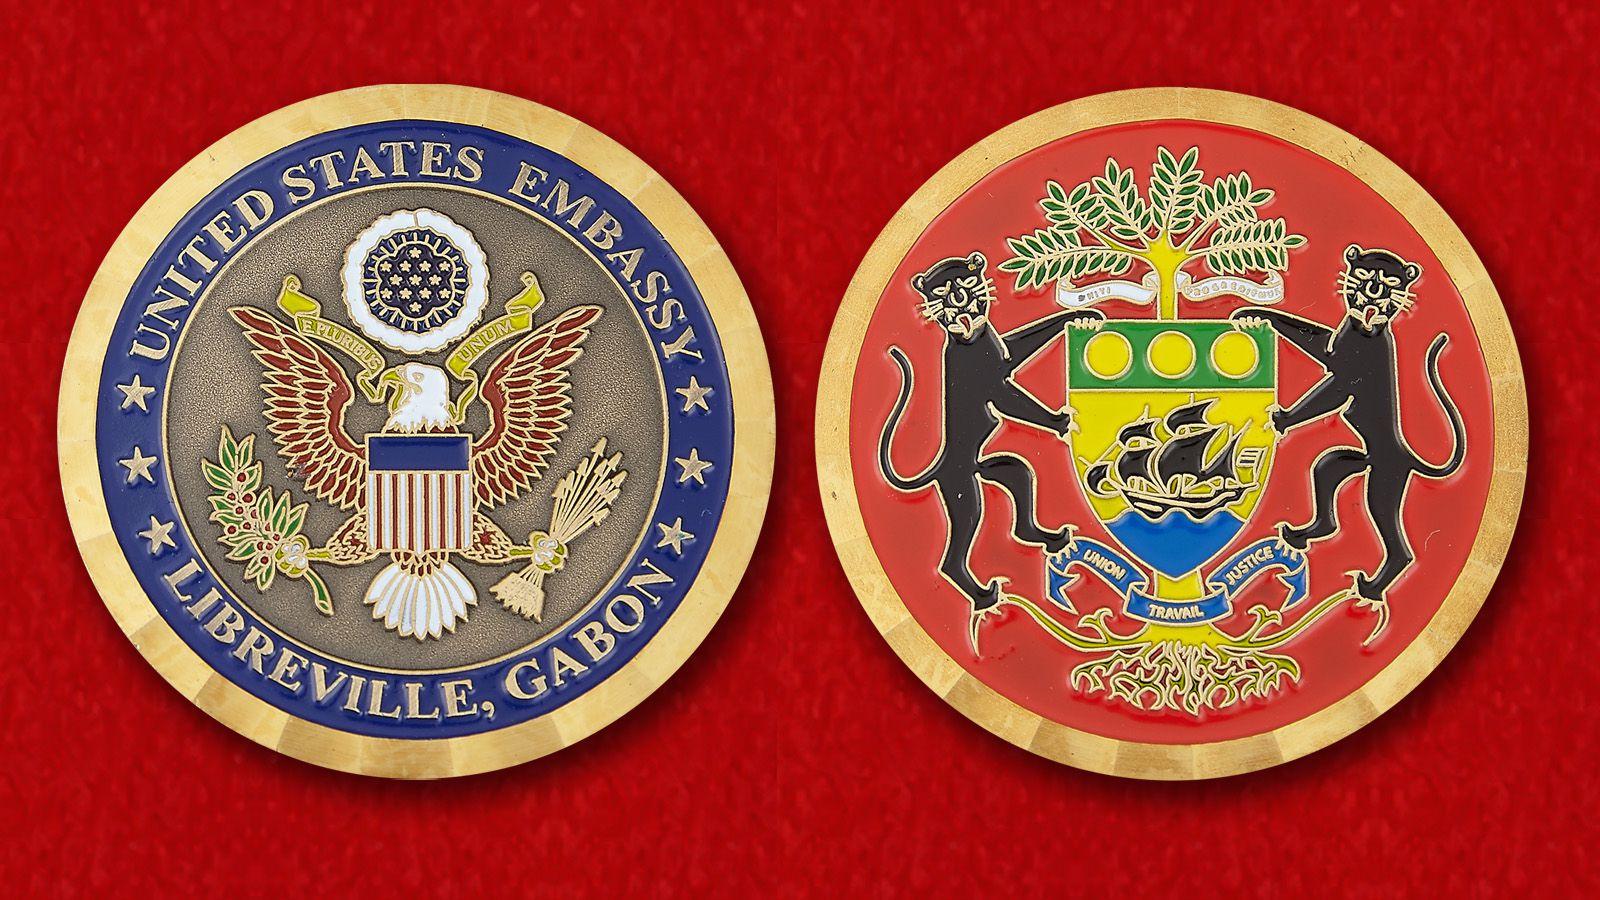 Челлендж коин посольства США в Либревиле - аверс и реверс